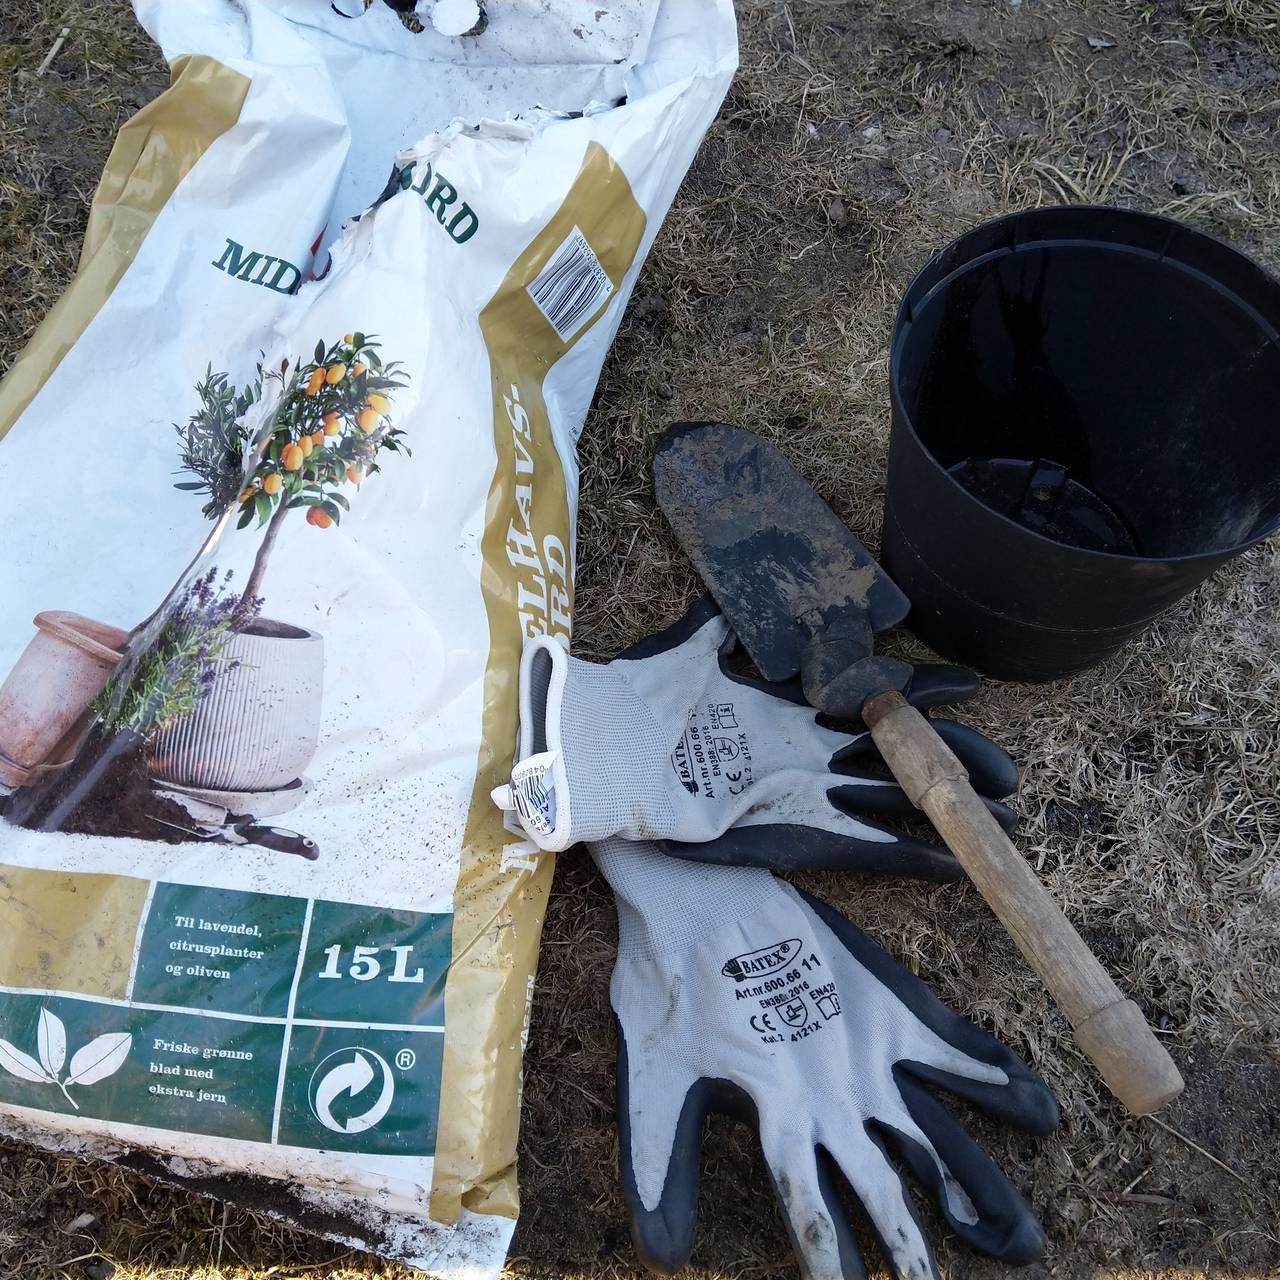 Potte om planter